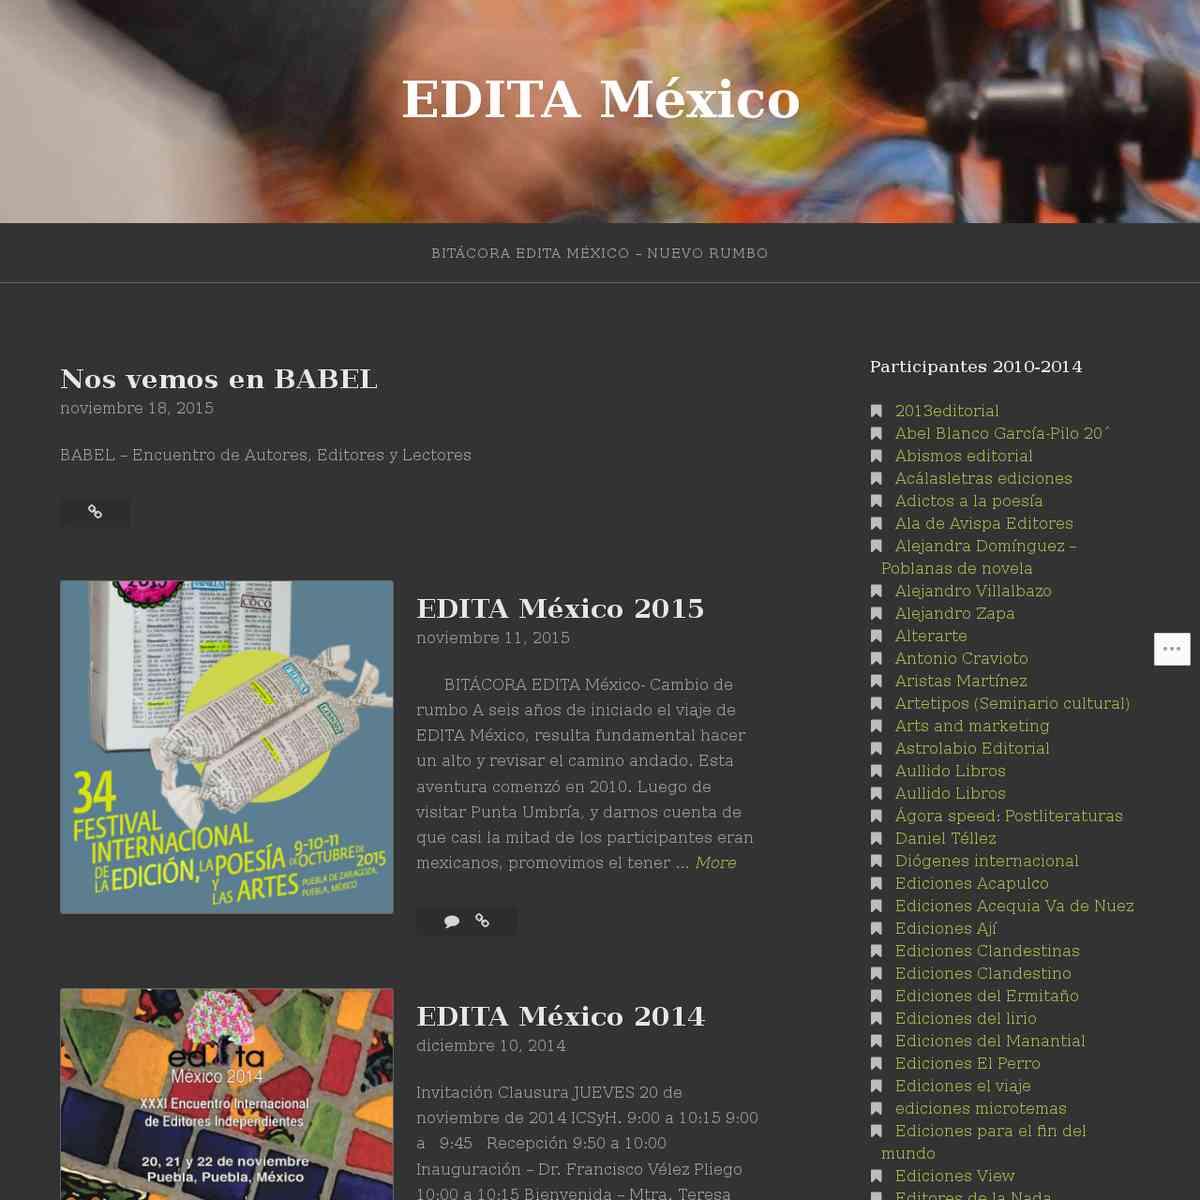 Del 21 al 23 de noviembre de 2013. Edita México. XXVII Encuentro Internacional de Editores Independi